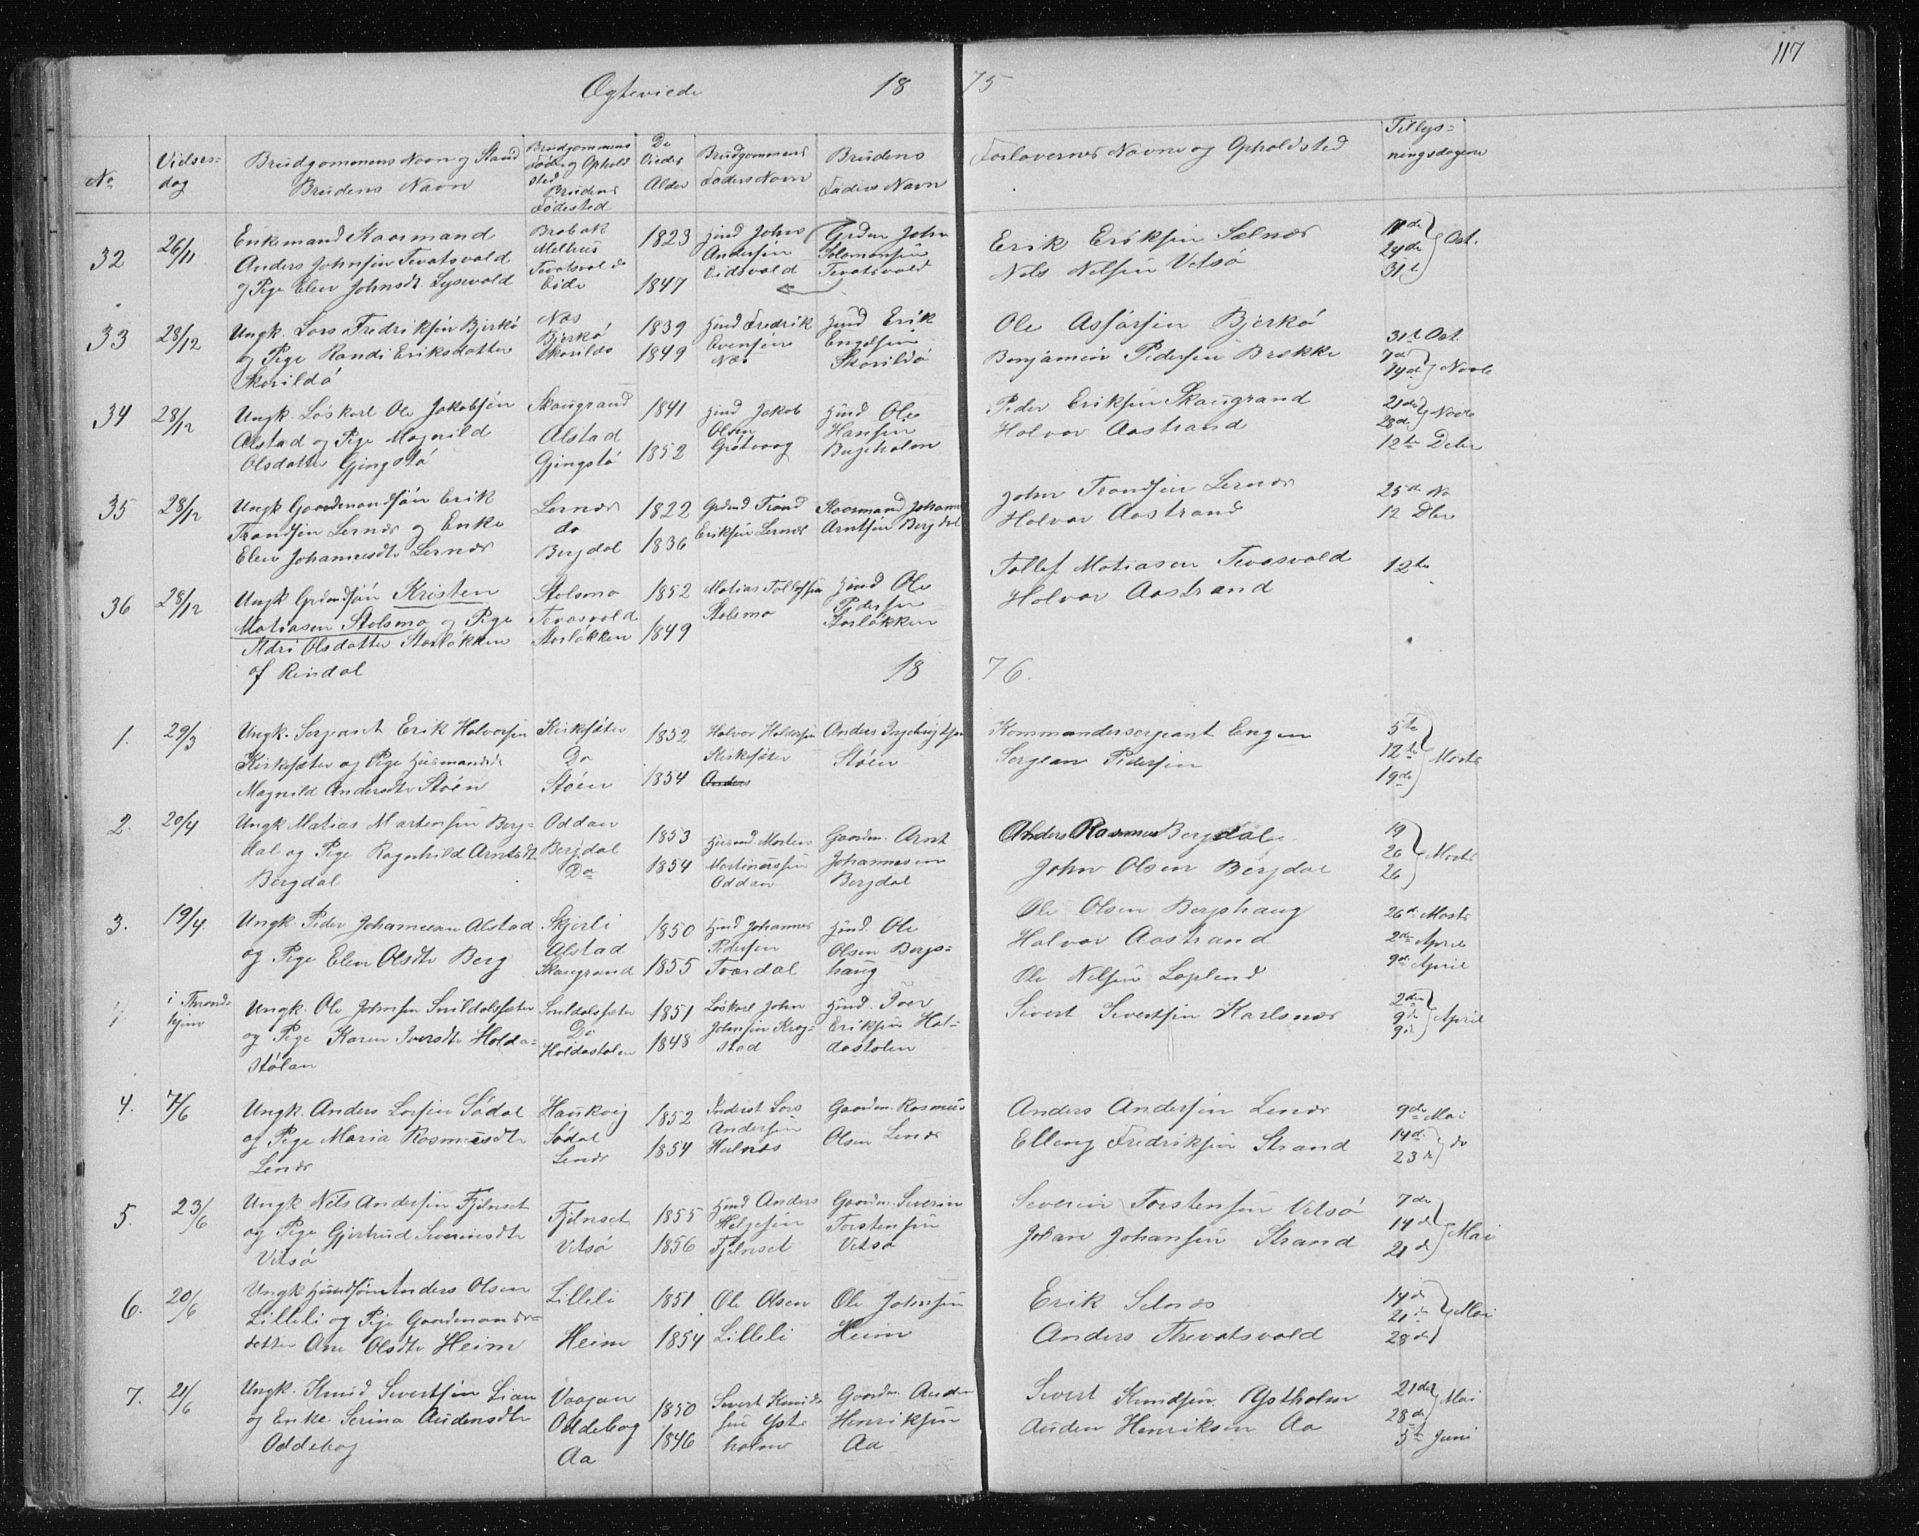 SAT, Ministerialprotokoller, klokkerbøker og fødselsregistre - Sør-Trøndelag, 630/L0503: Klokkerbok nr. 630C01, 1869-1878, s. 117